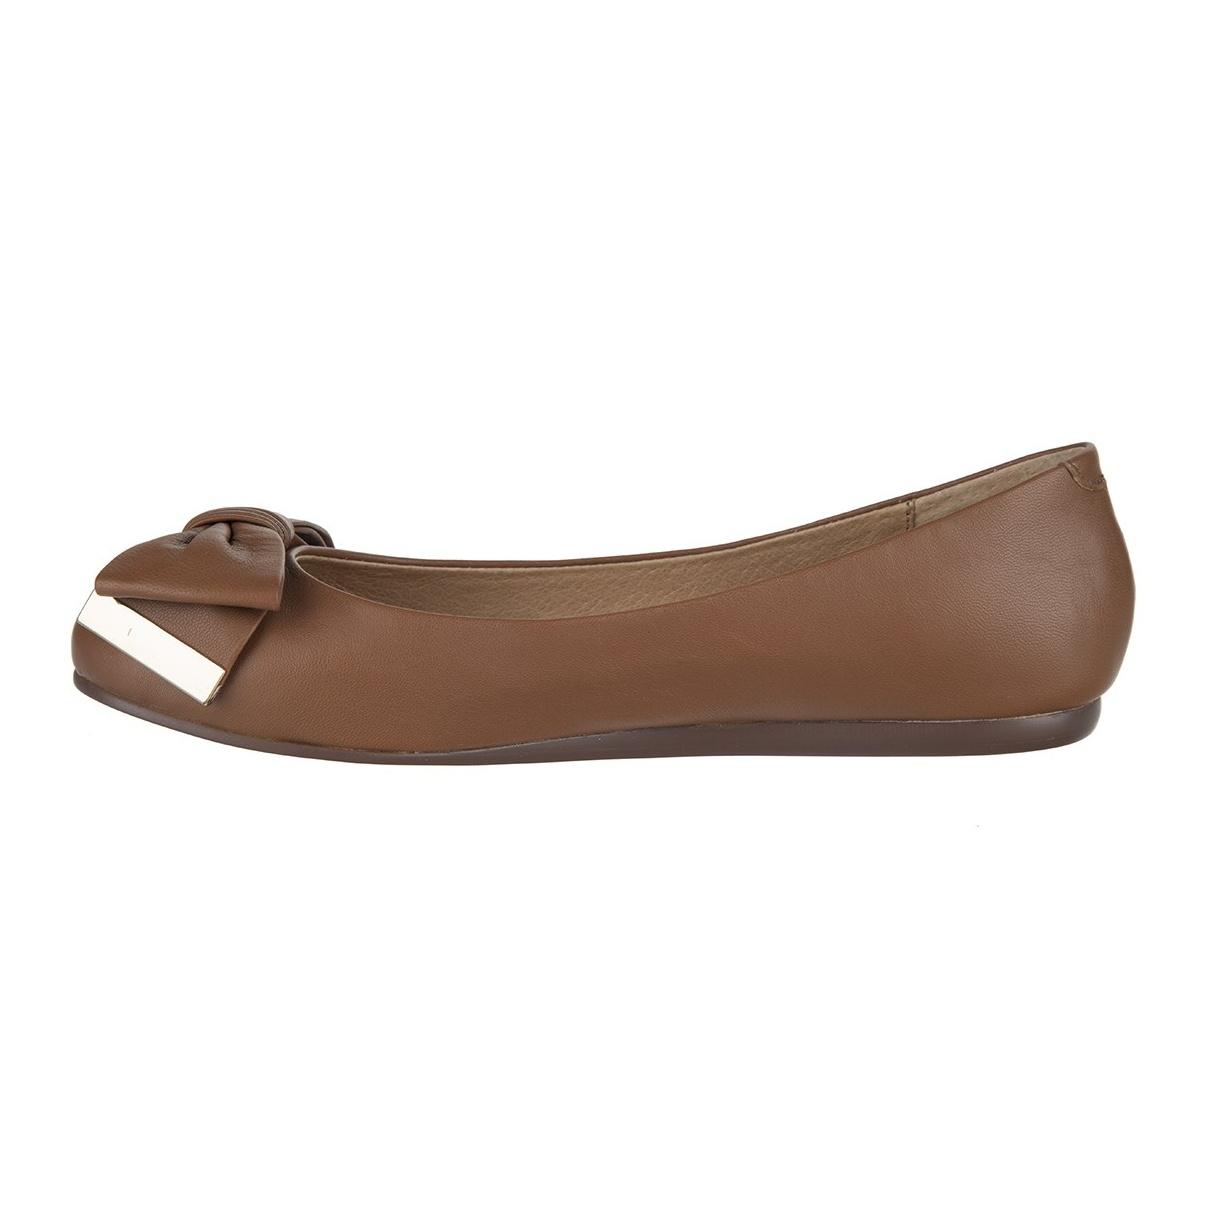 کفش زنانه سارا جونز  مدل Cona